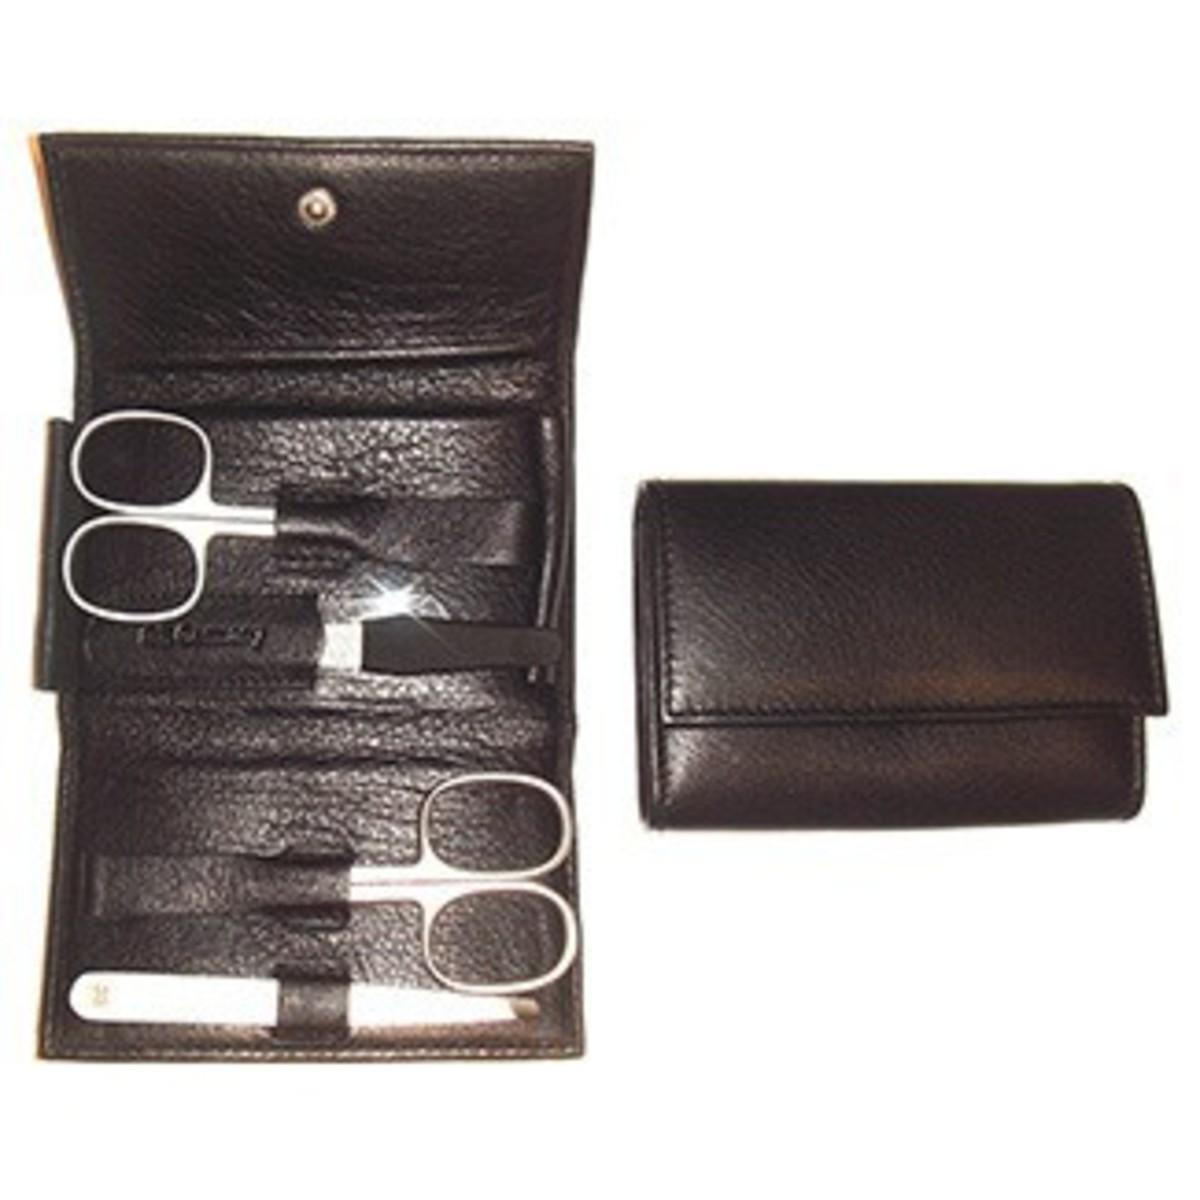 Bild 1 von 3F Lederetui (Rindleder) 4-tlg. mit Druckknopf, schwarz